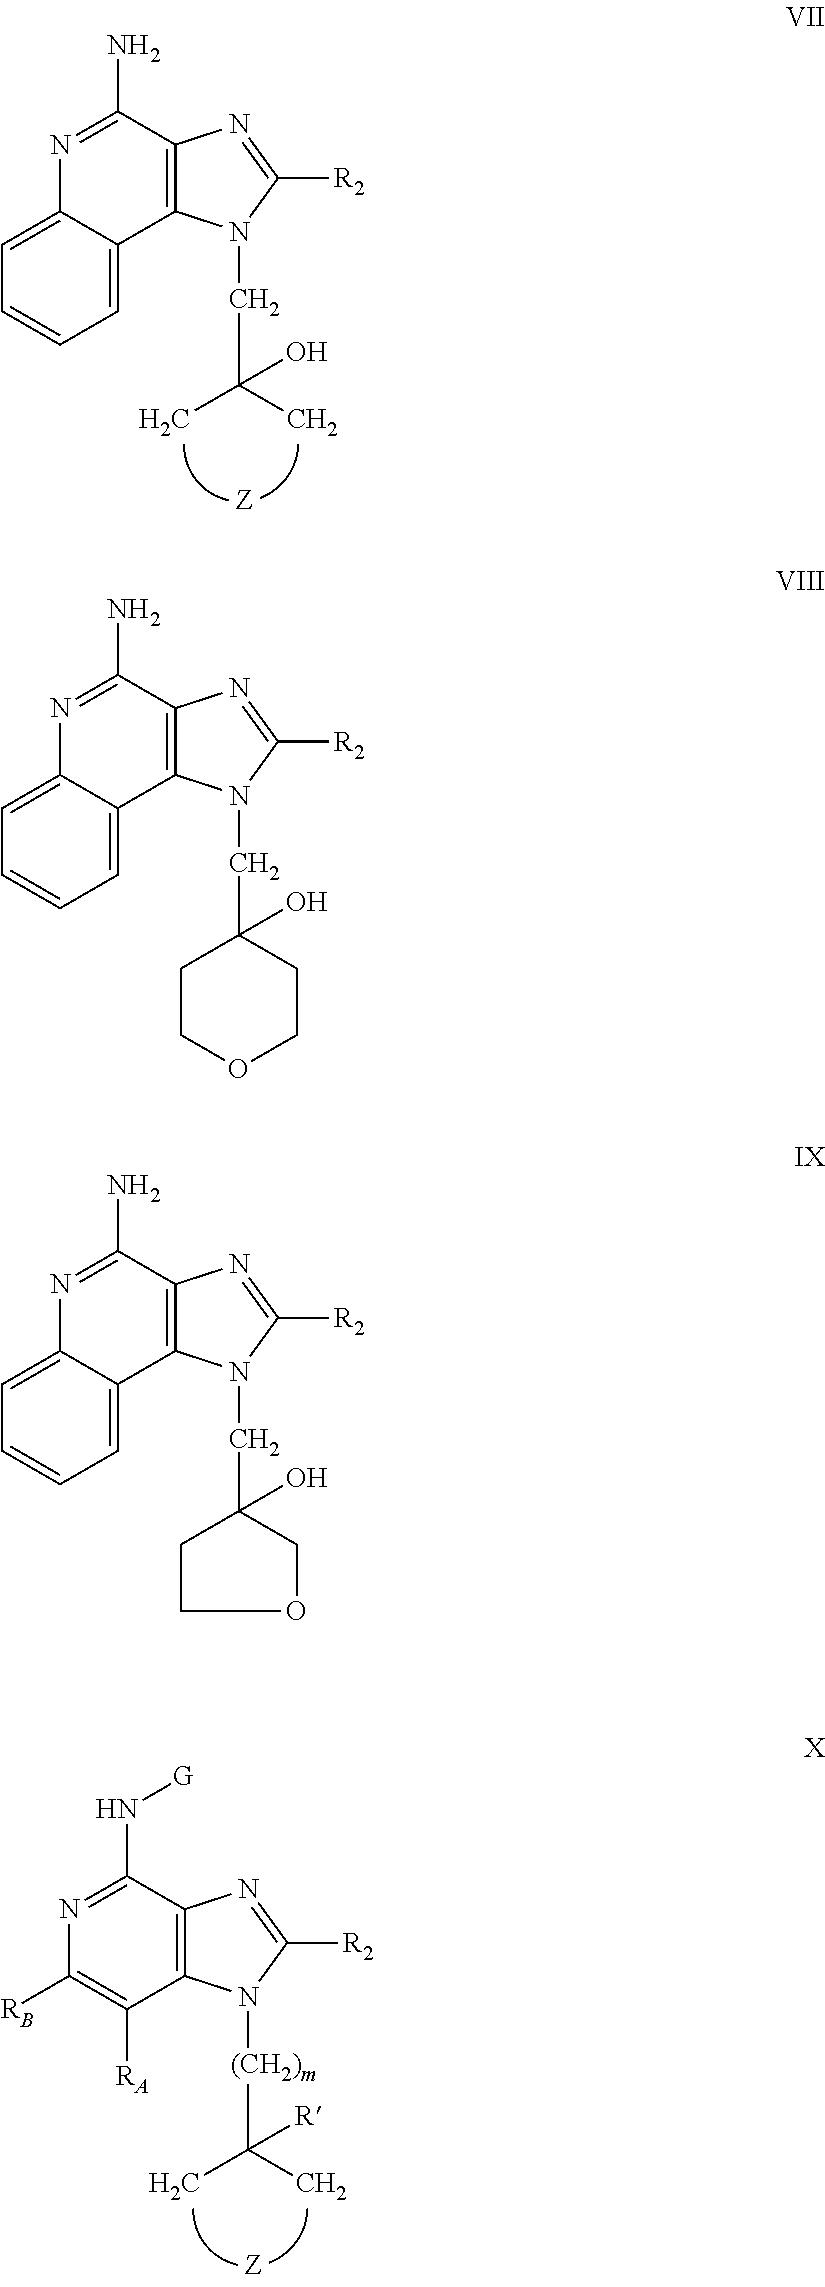 Figure US09550773-20170124-C00004